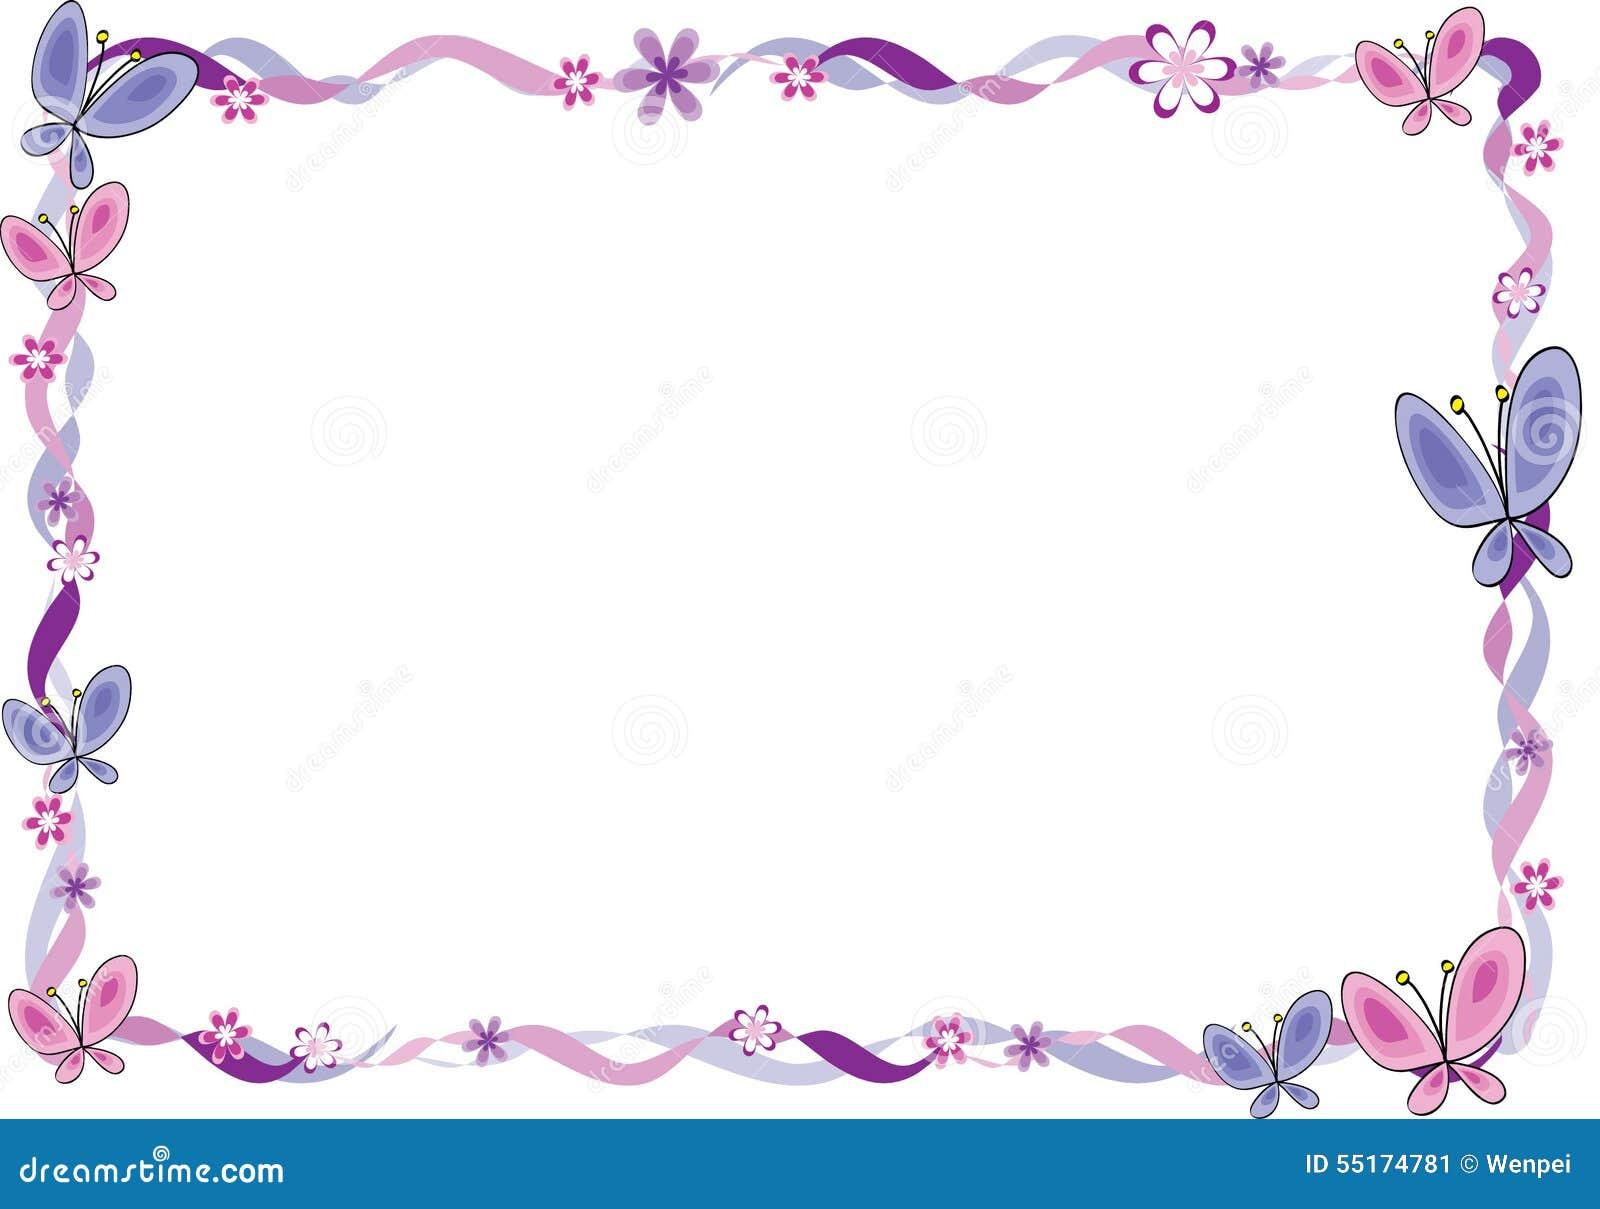 Hintergrund Mit Rahmen Blumen Und Schmetterling Stock Illustrationen ...